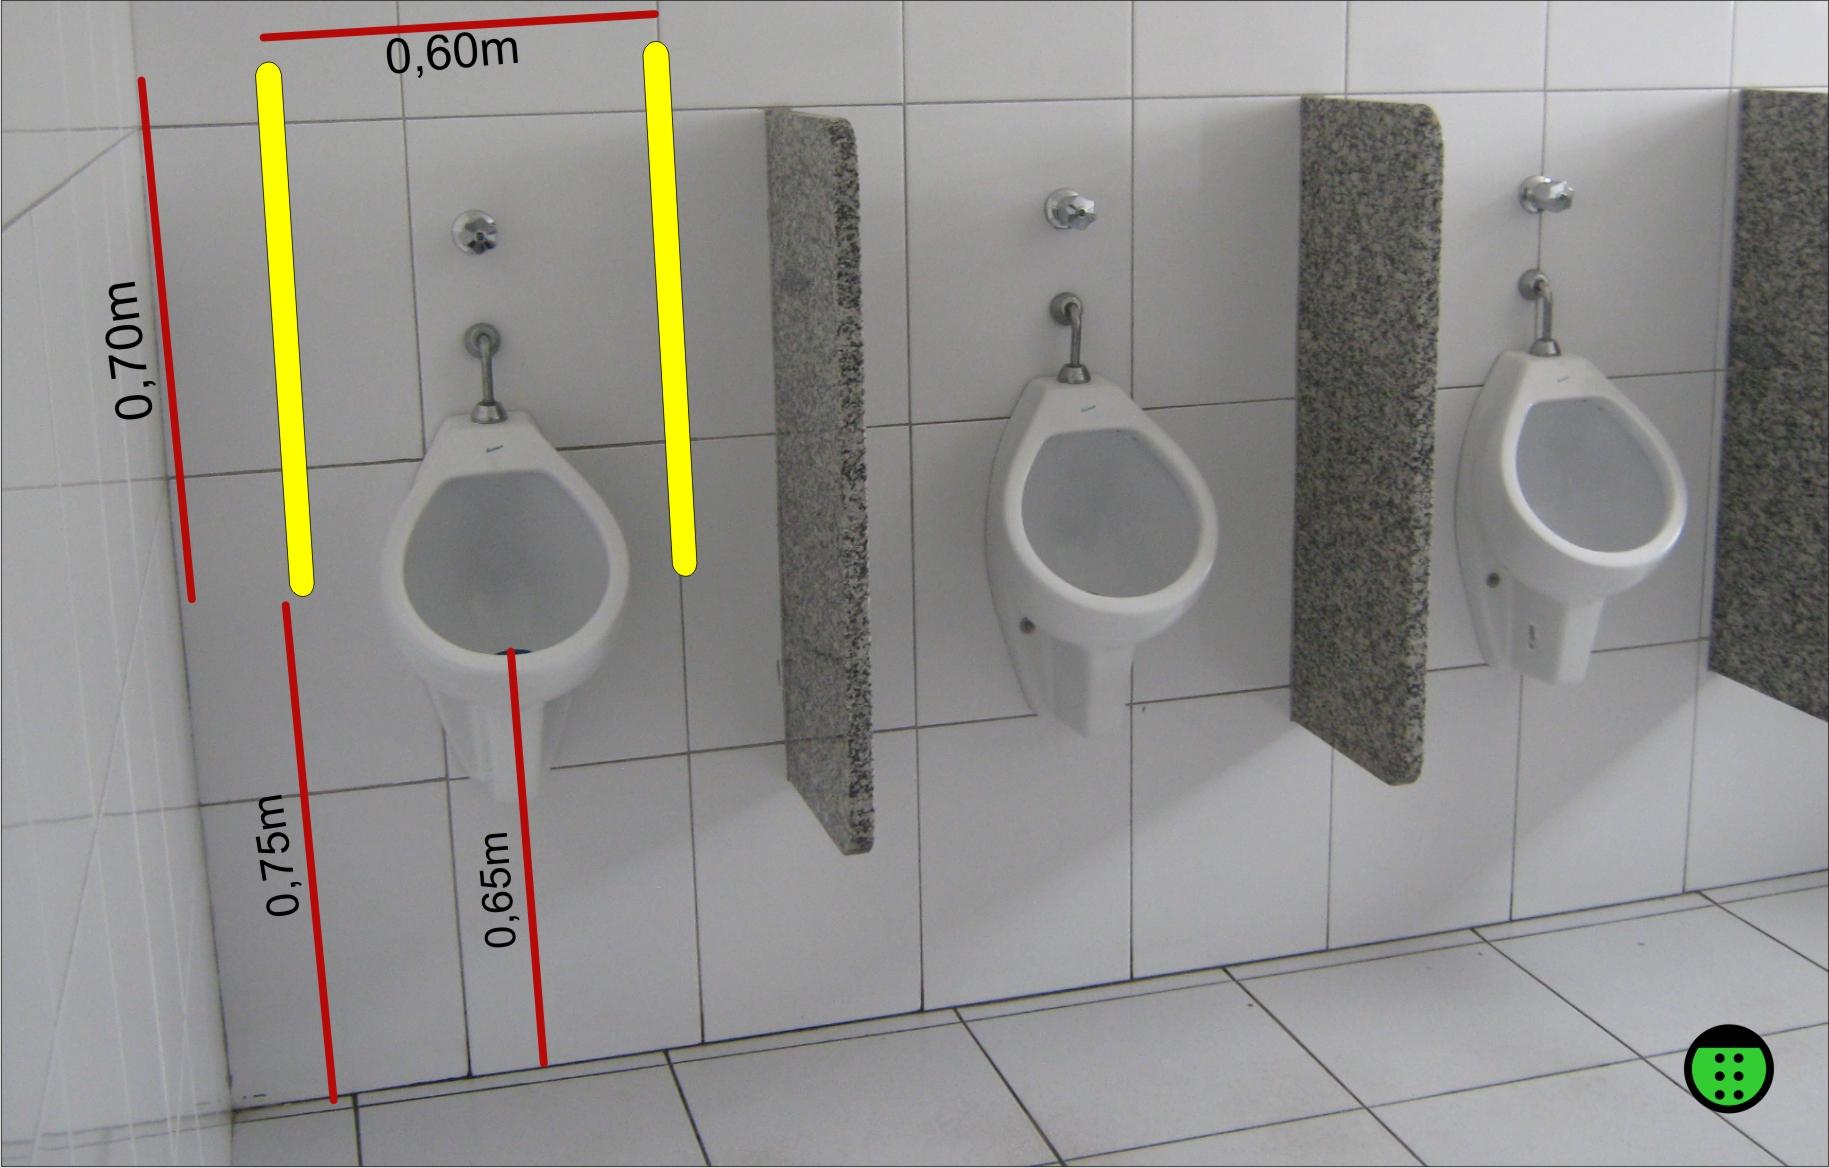 foto de como deveria ser um mictório acessível com barras paralelas  #C4C407 1829 1168